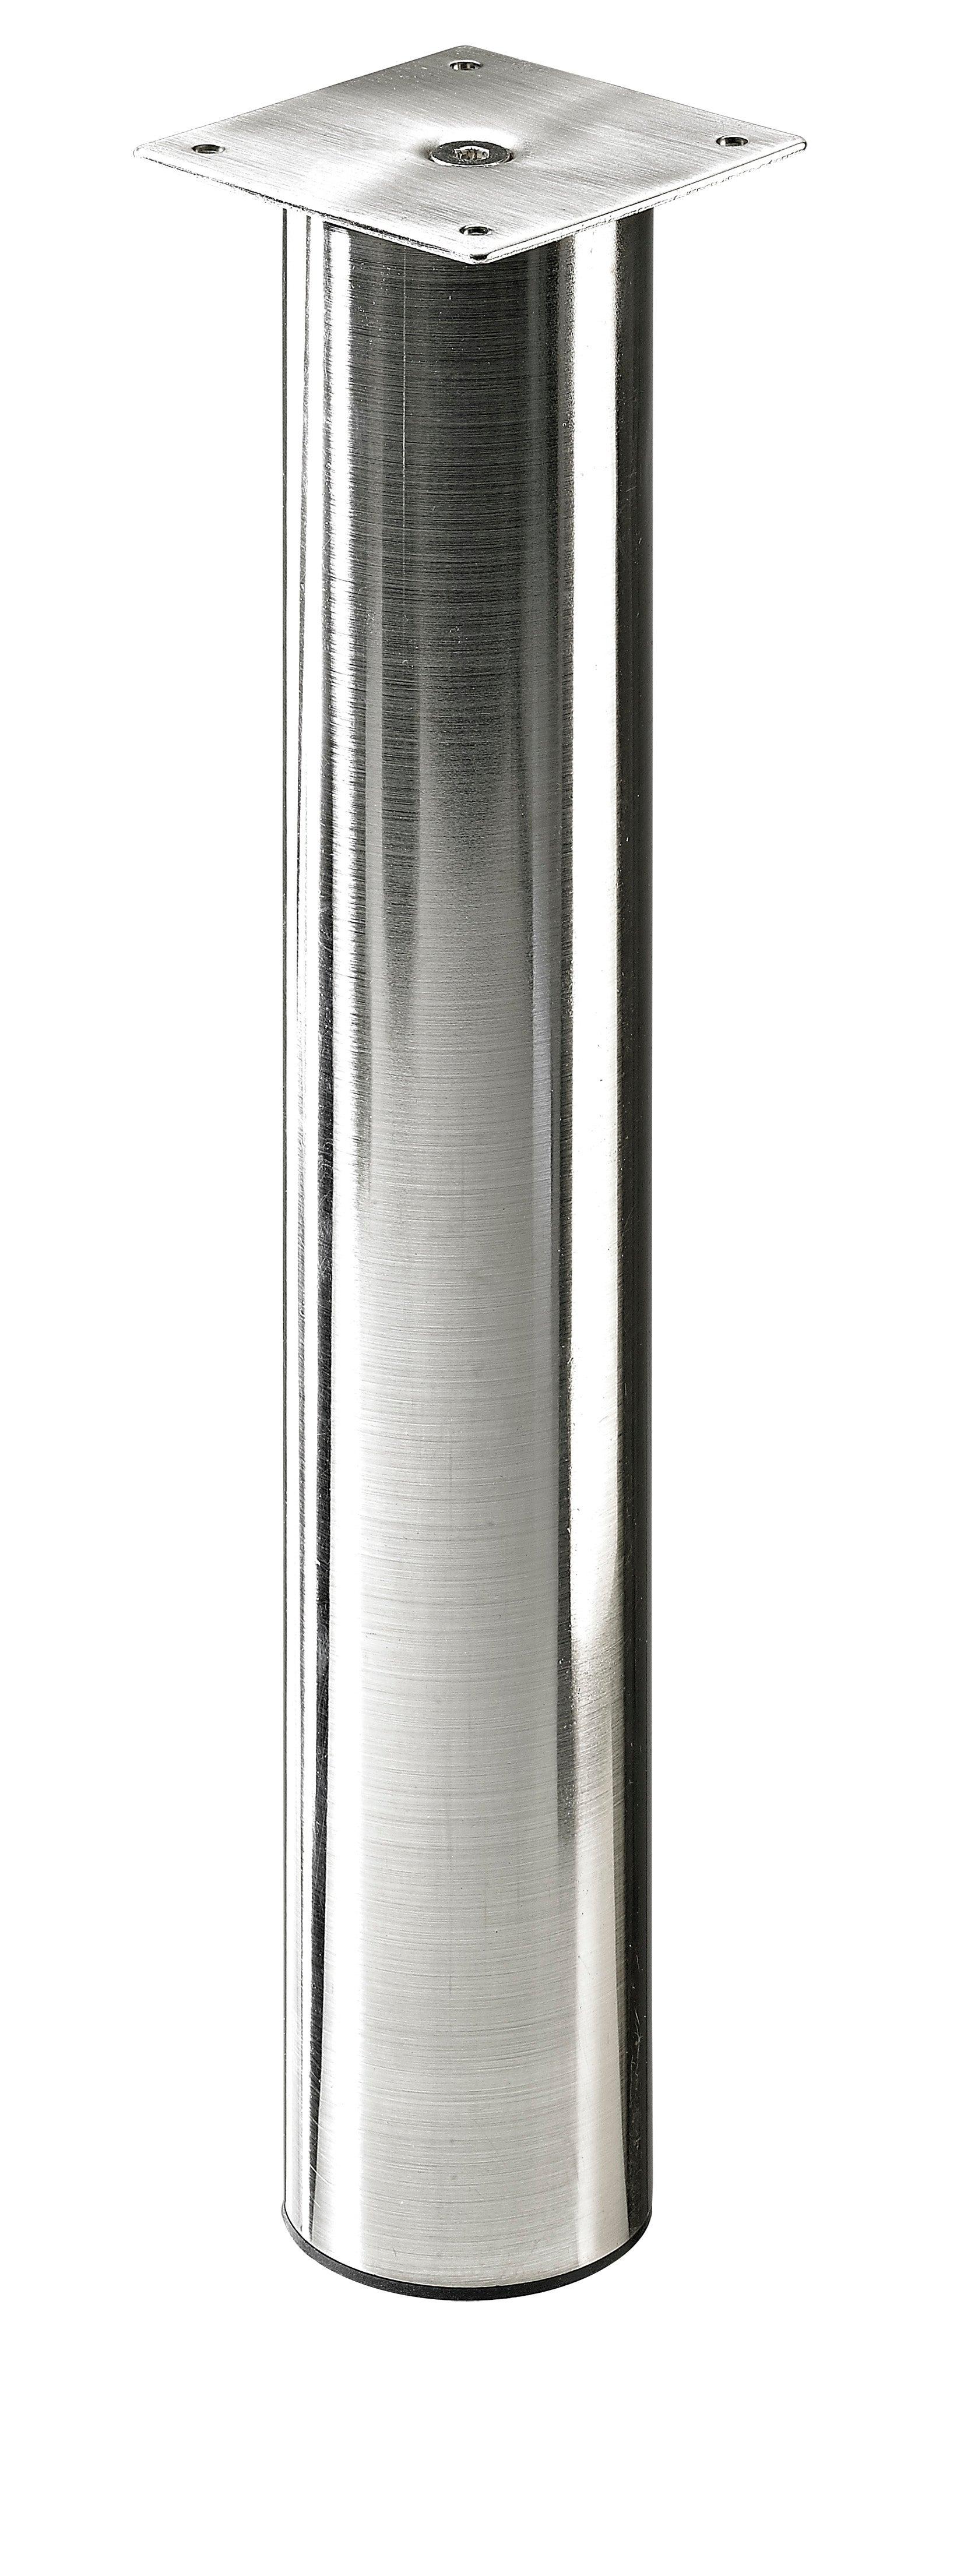 Pied De Plan De Travail Cylindrique Reglable Acier Brosse Gris De 40 A 70 Cm Leroy Merlin